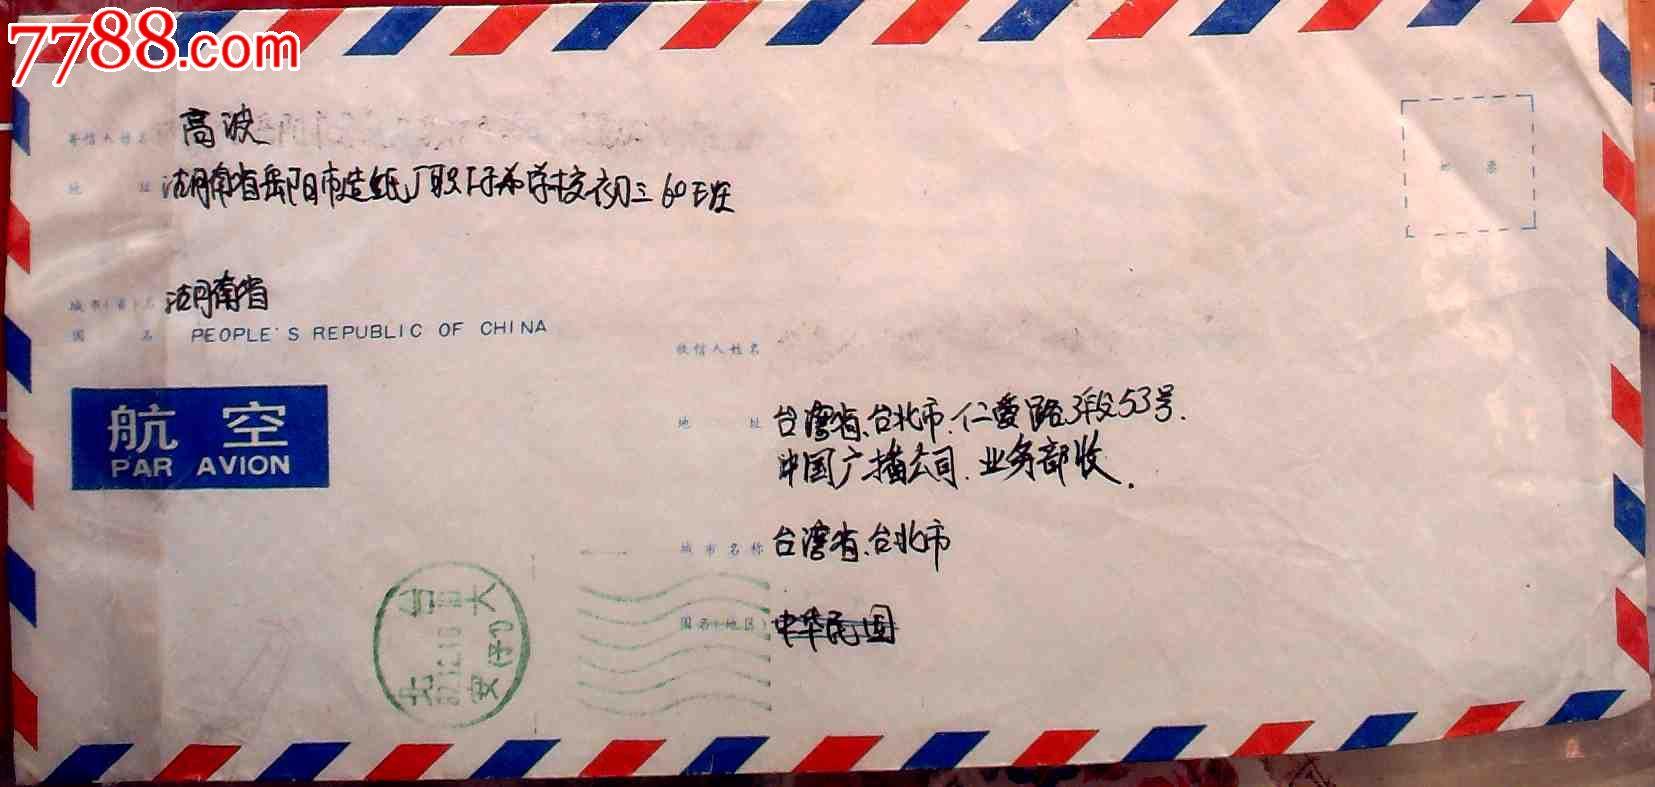 海峡两岸通邮早期湖南航空实寄台湾信封一件,正面有台湾邮件到达戳